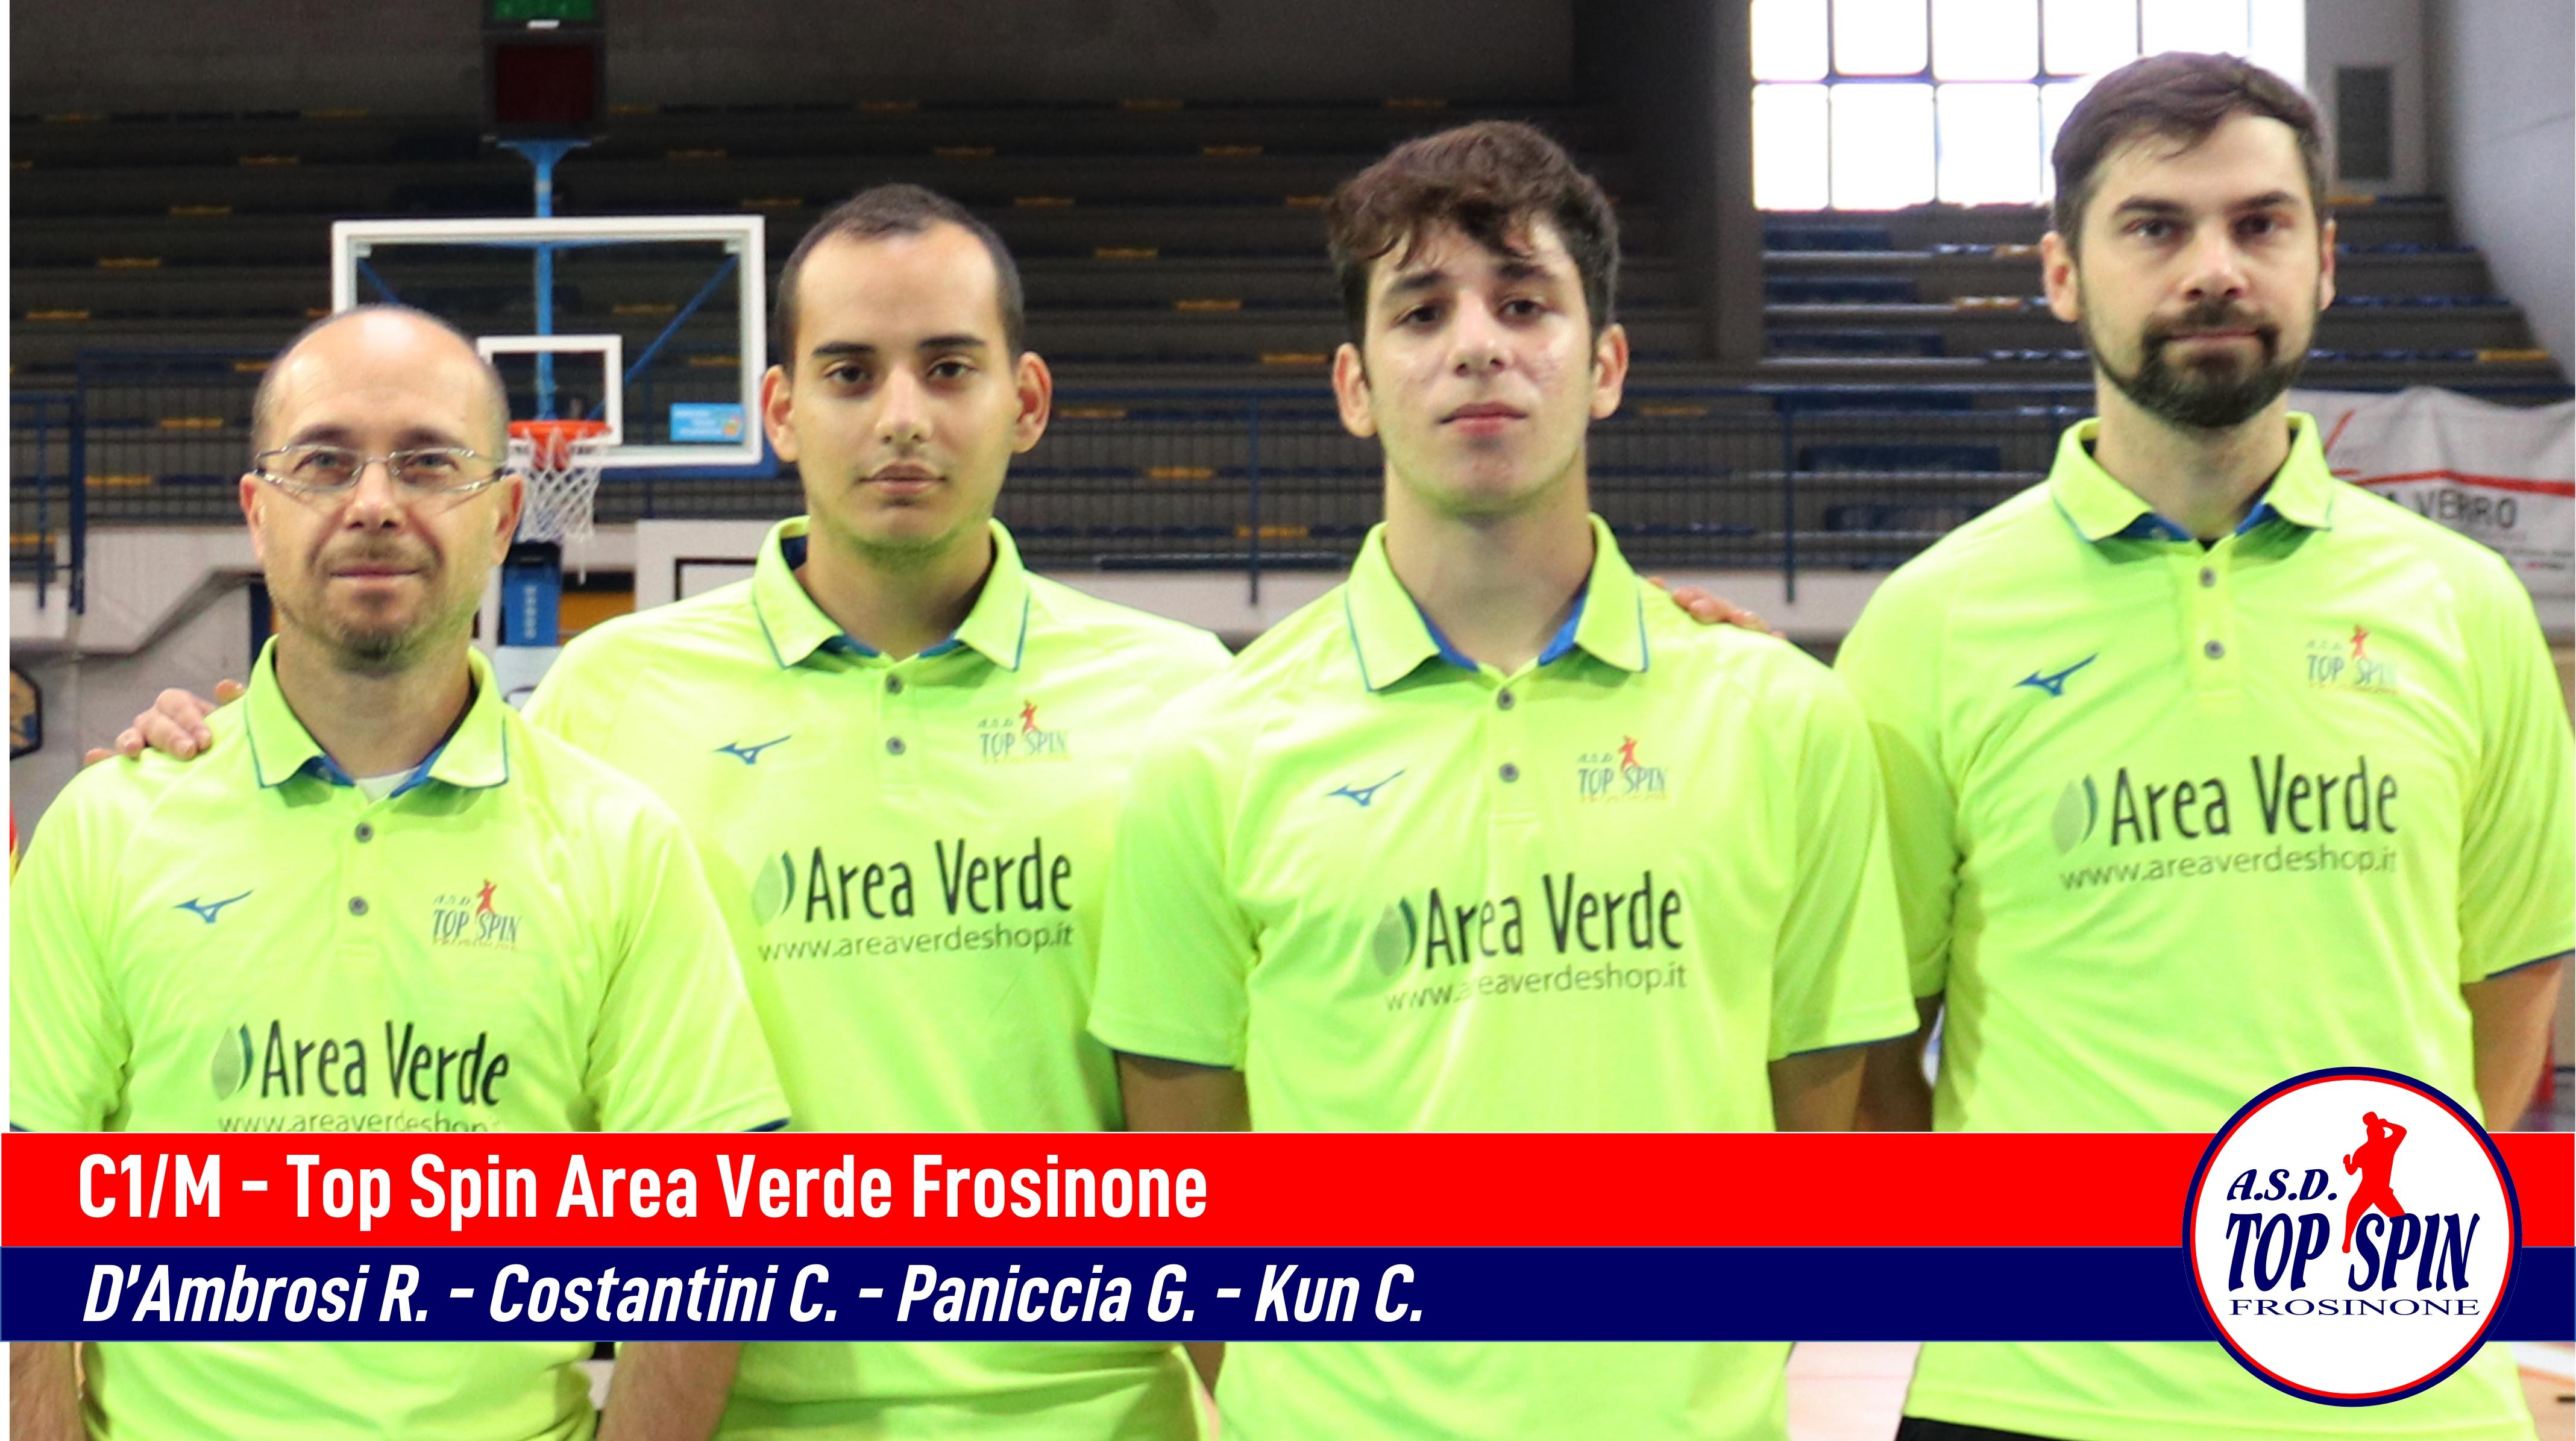 Area Verde Campione Inverno C1 M